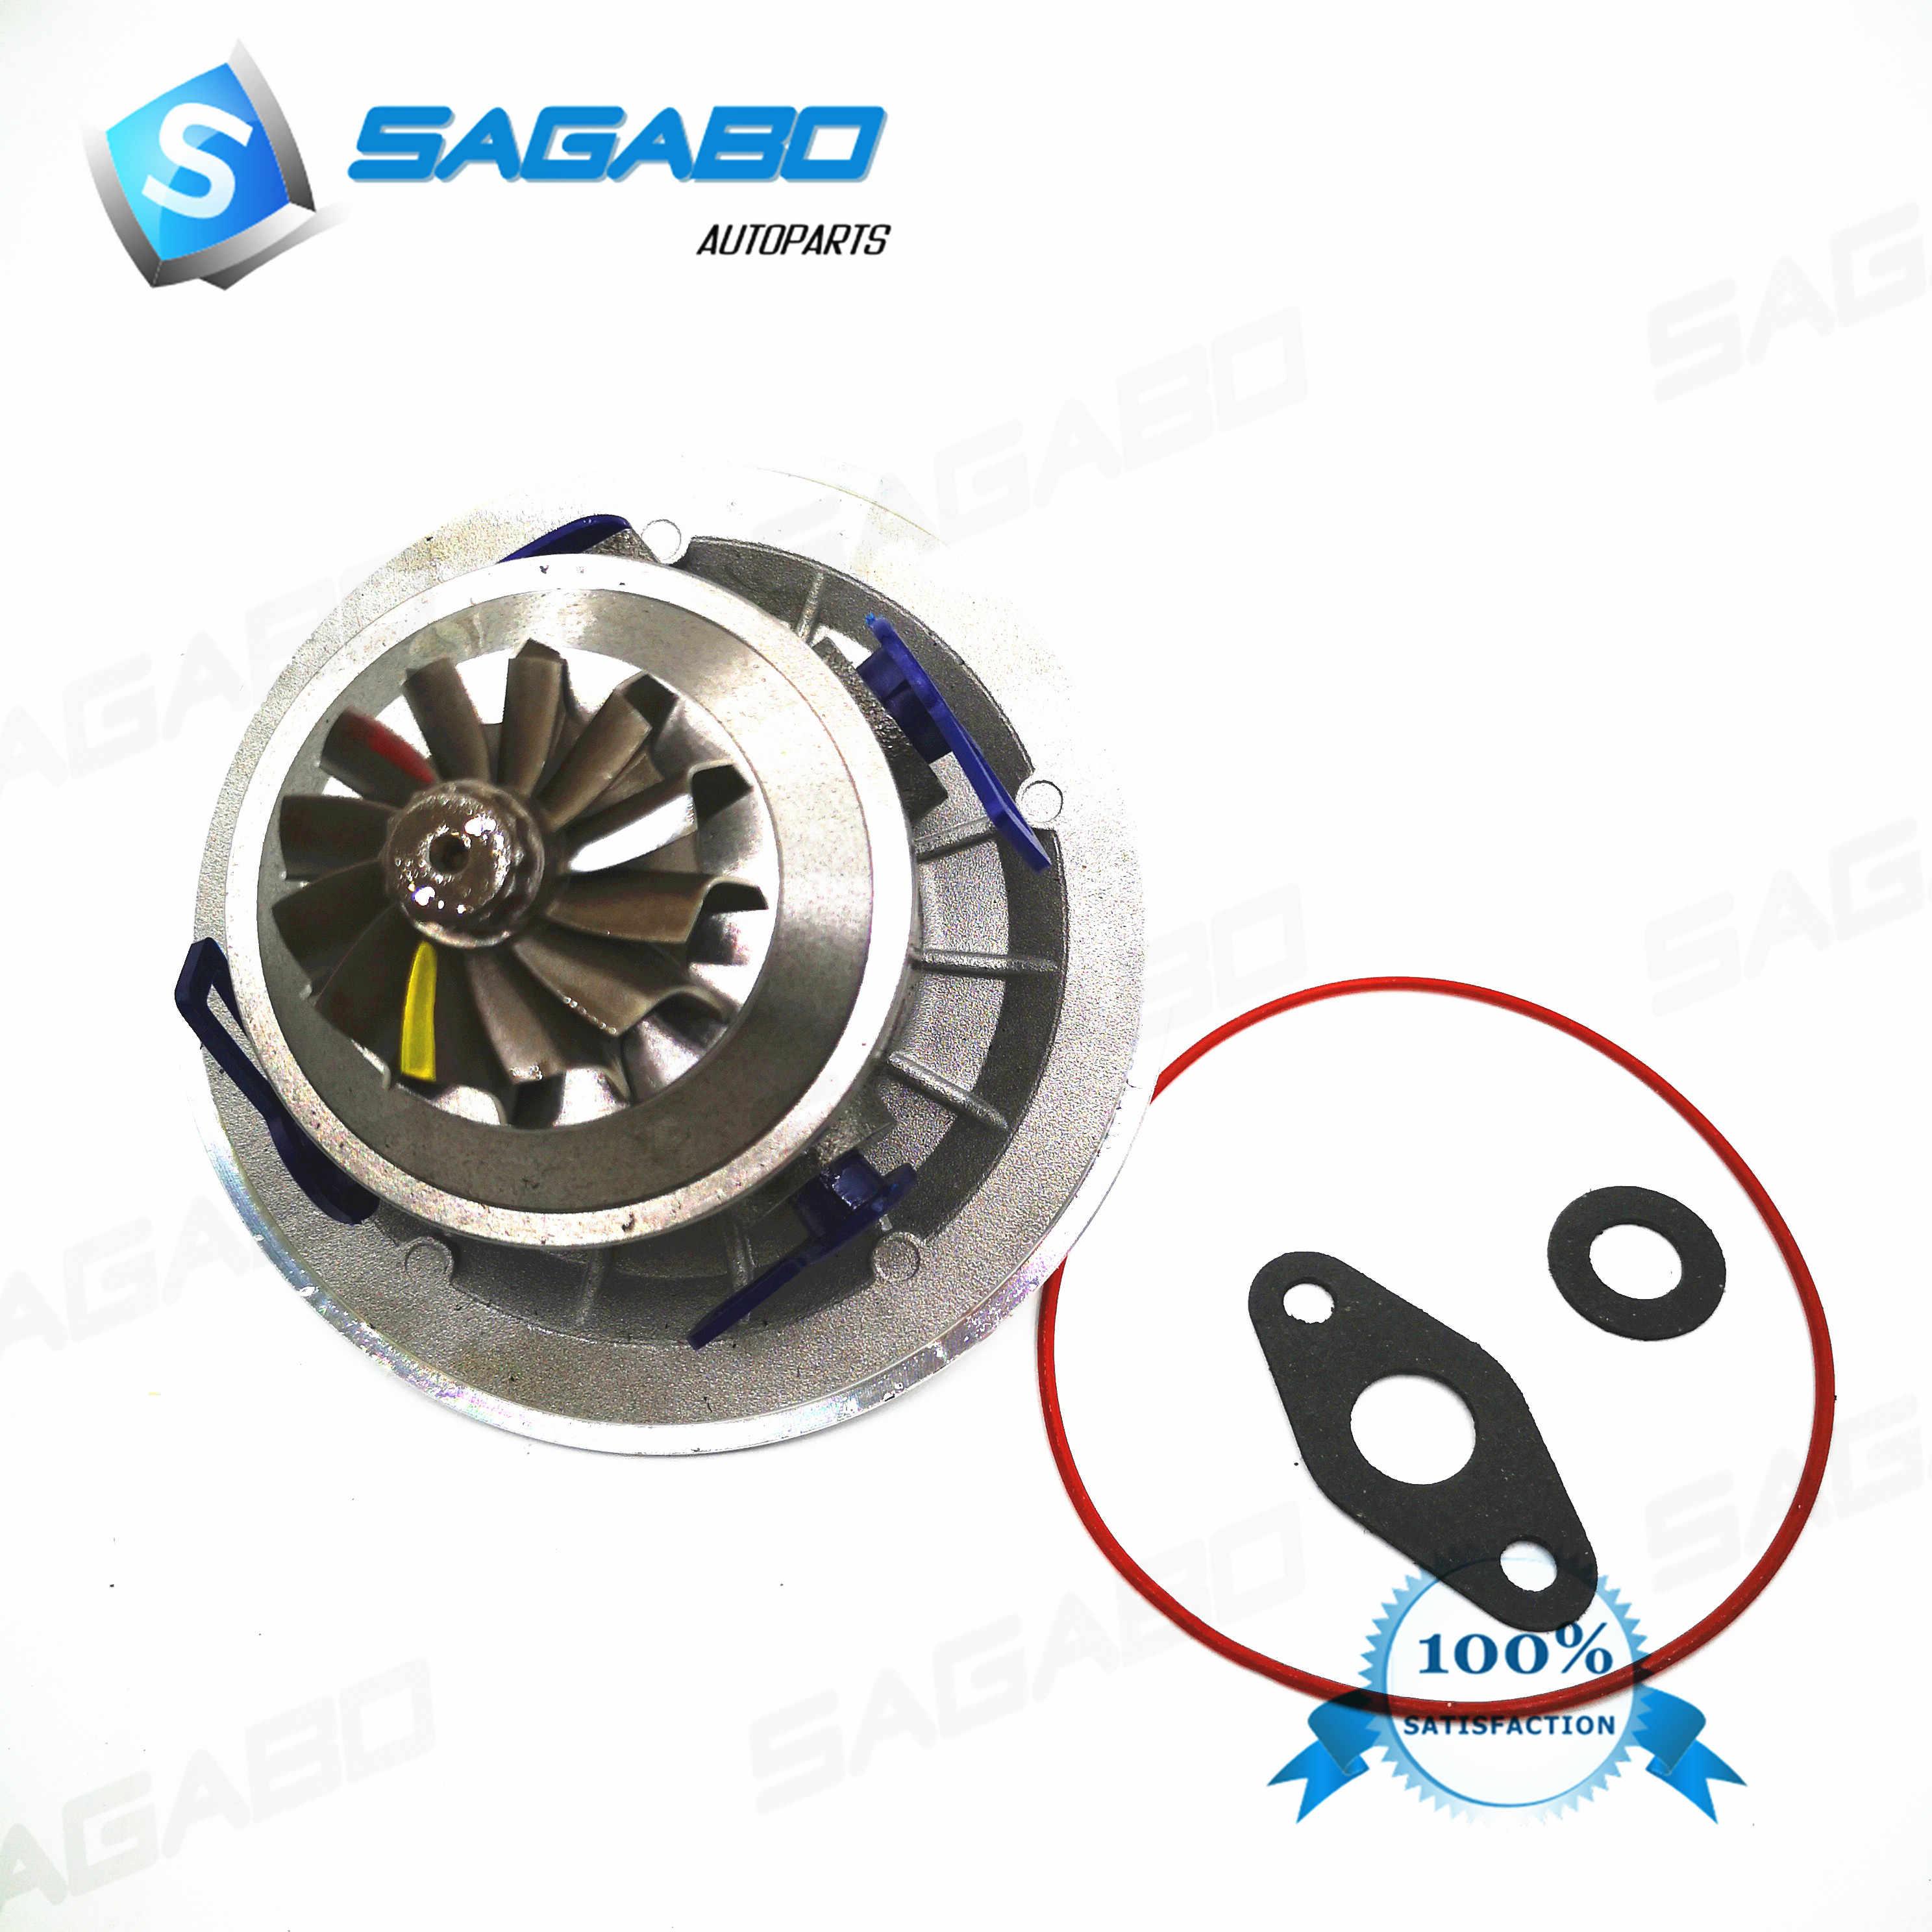 Turbocompresseur pour Hyundai H-1/Starex 103Kw 140HP D4BH 4D56T 2002 Turbo GT1749S 716938 28200-42560 28200 42560